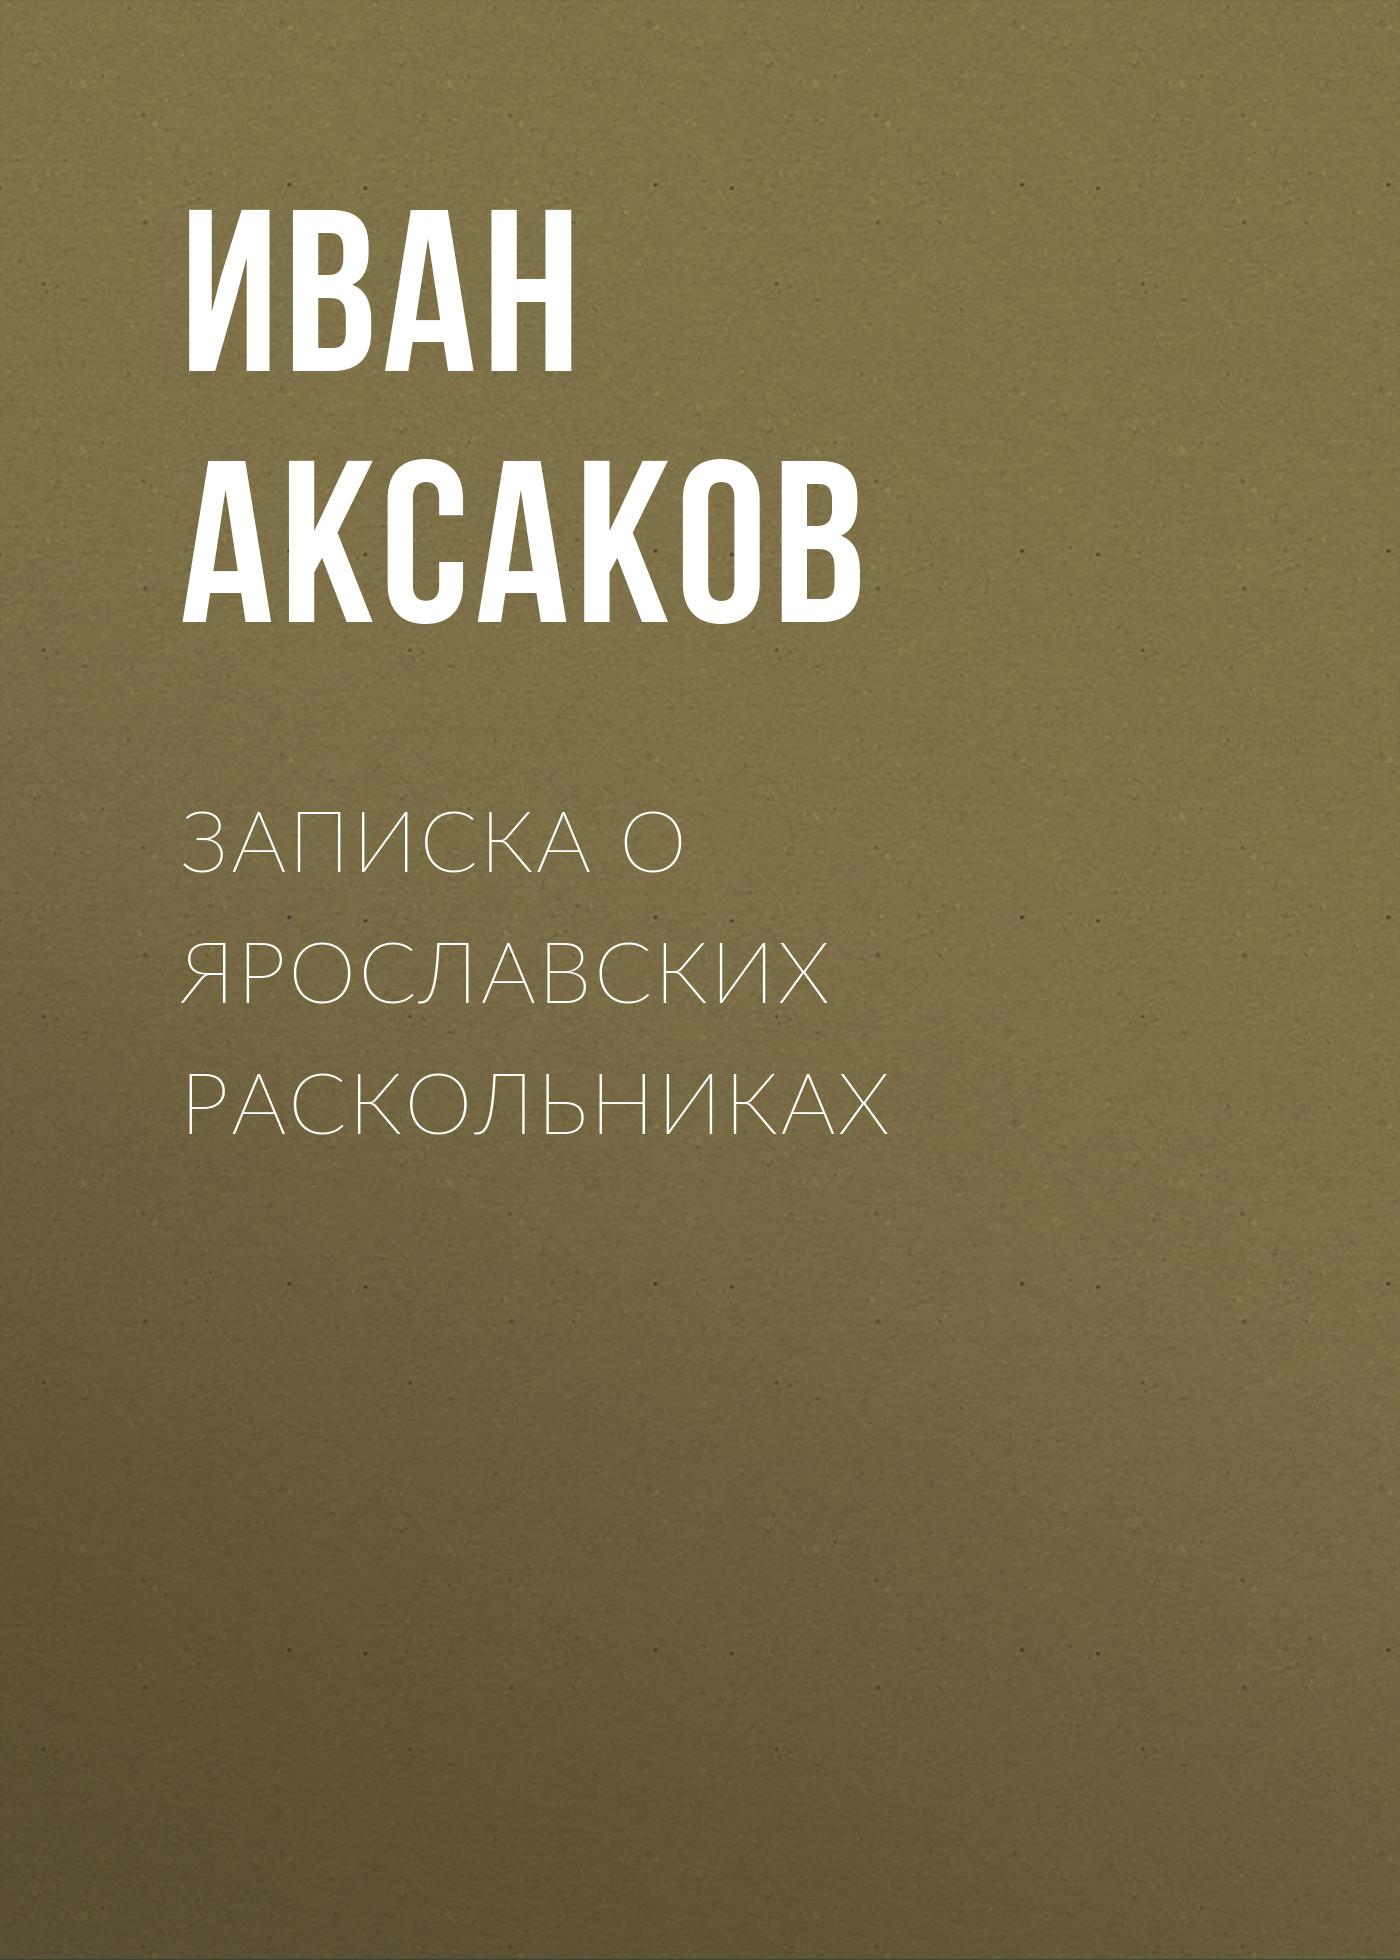 цена на Иван Аксаков Записка о ярославских раскольниках